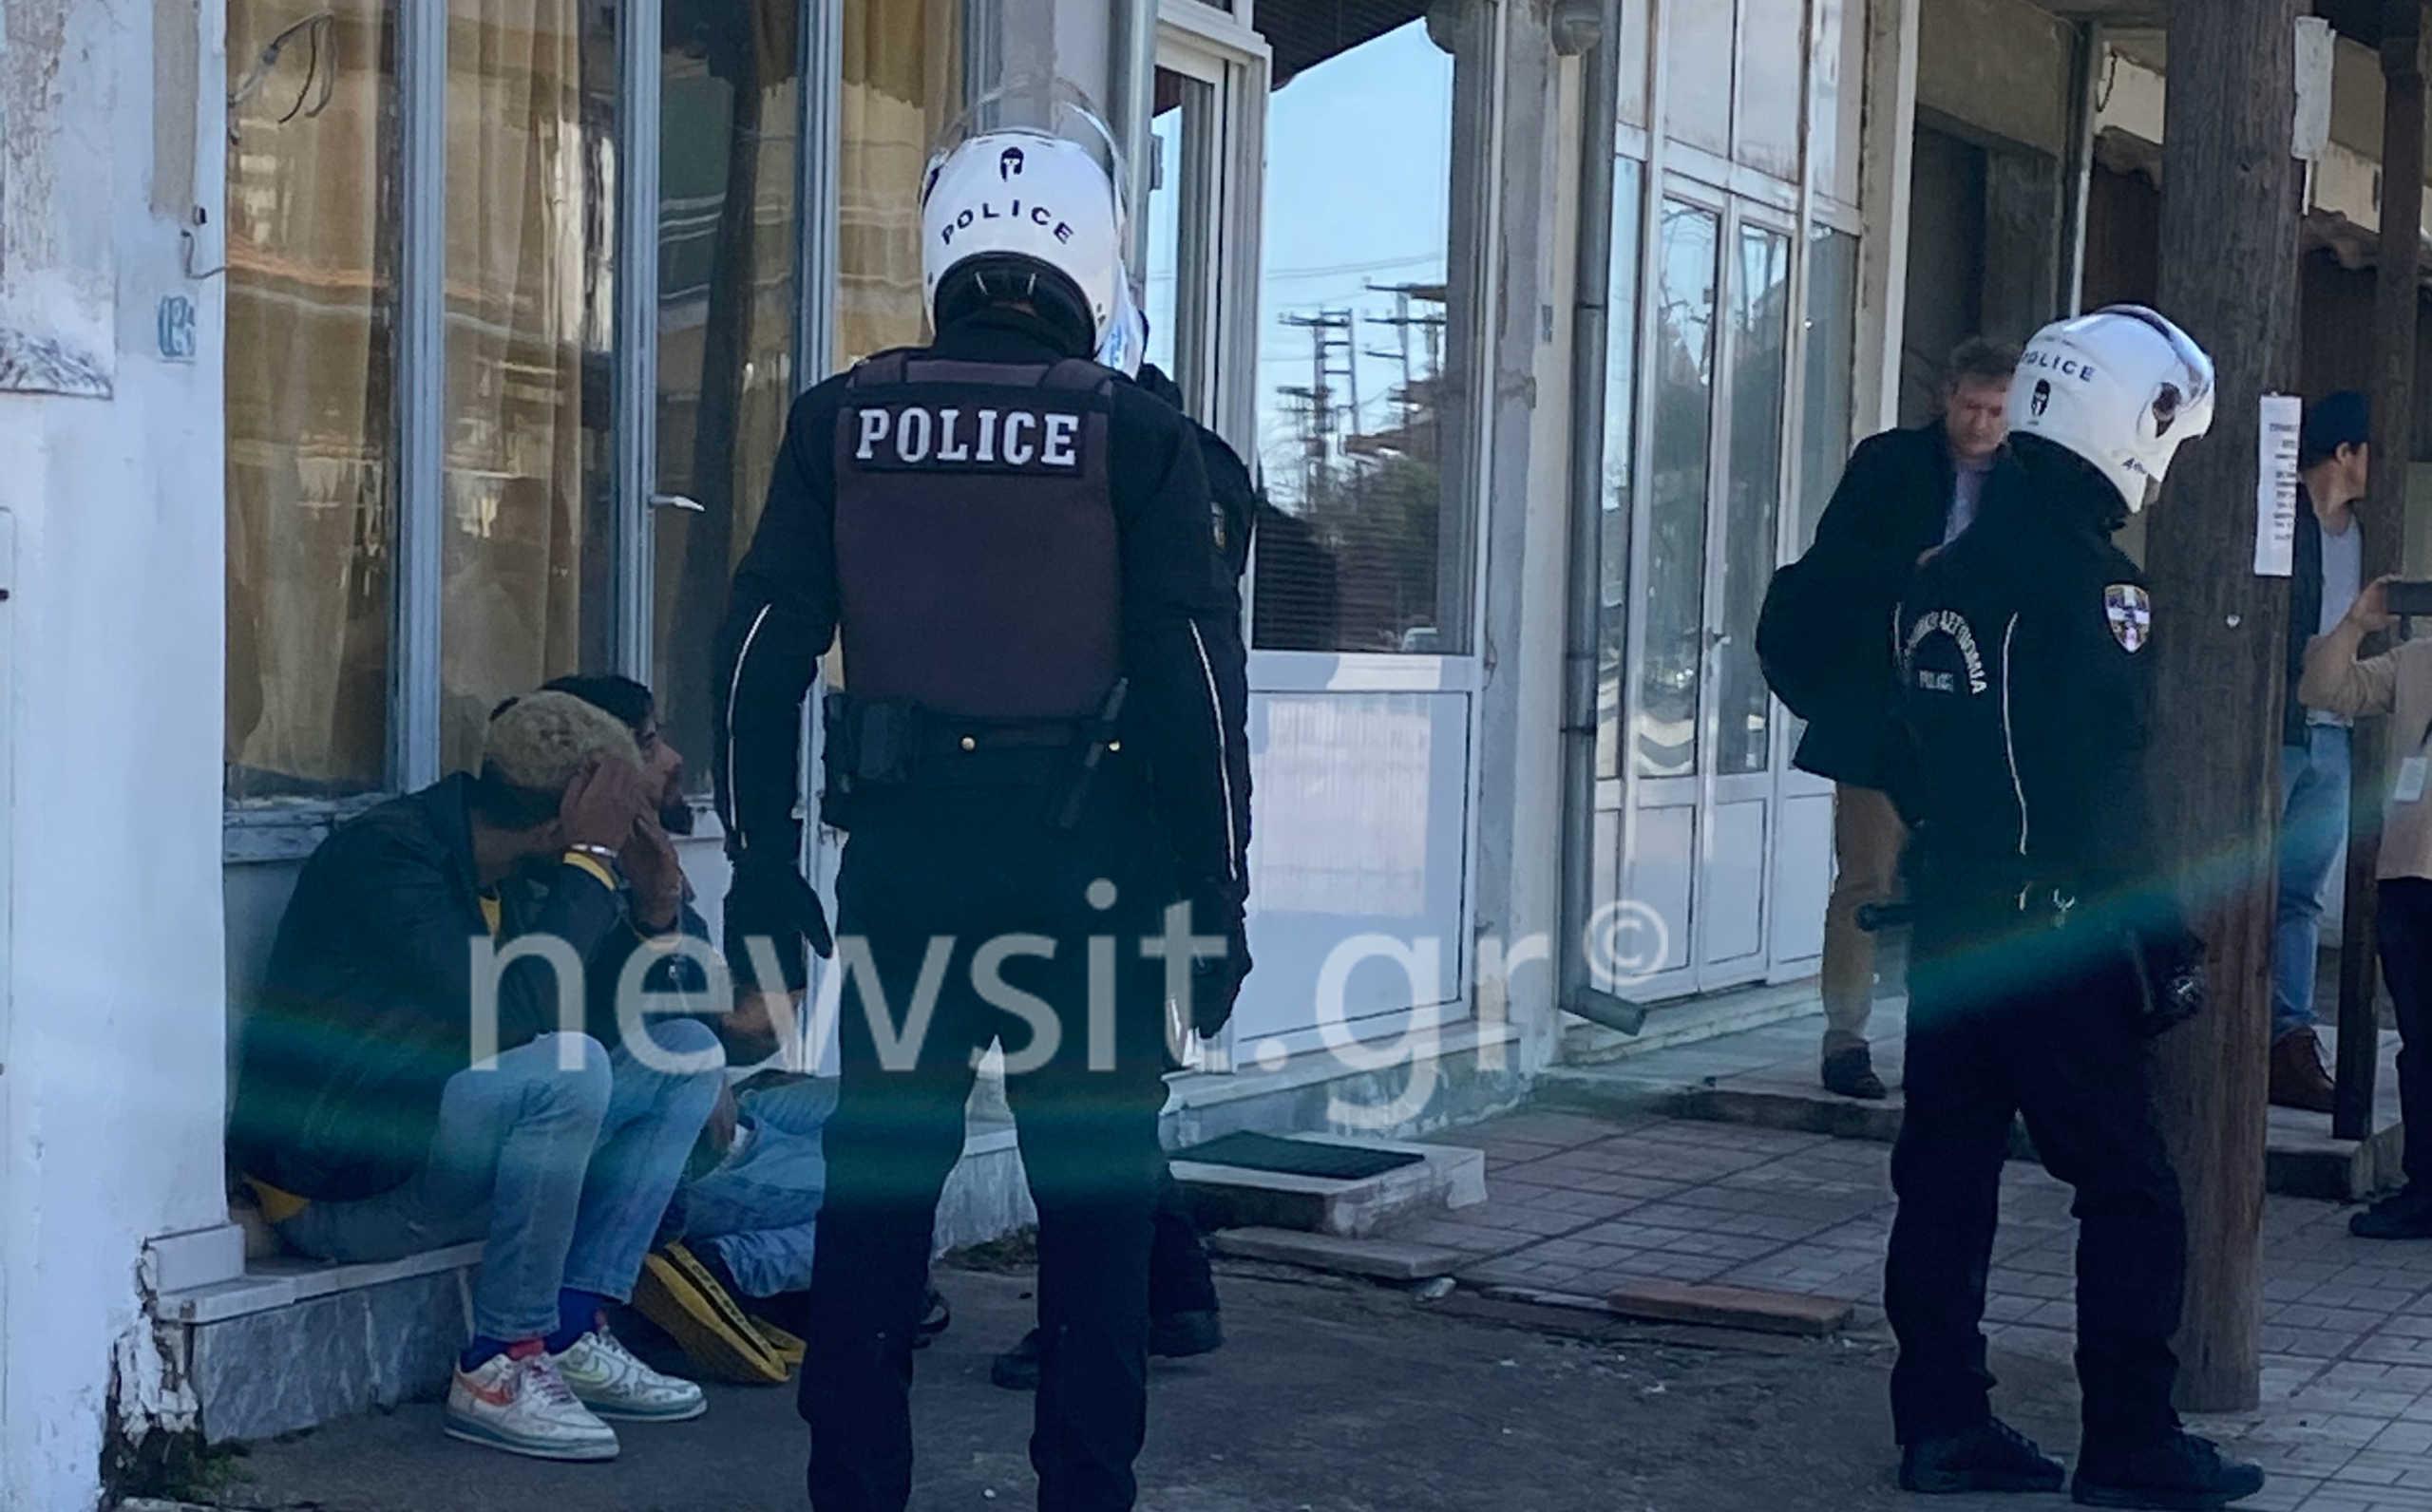 """Έβρος: """"Καθάριζαν"""" το δρόμο για τον Μητσοτάκη κι """"έπεσαν"""" πάνω σε… παράνομους μετανάστες"""